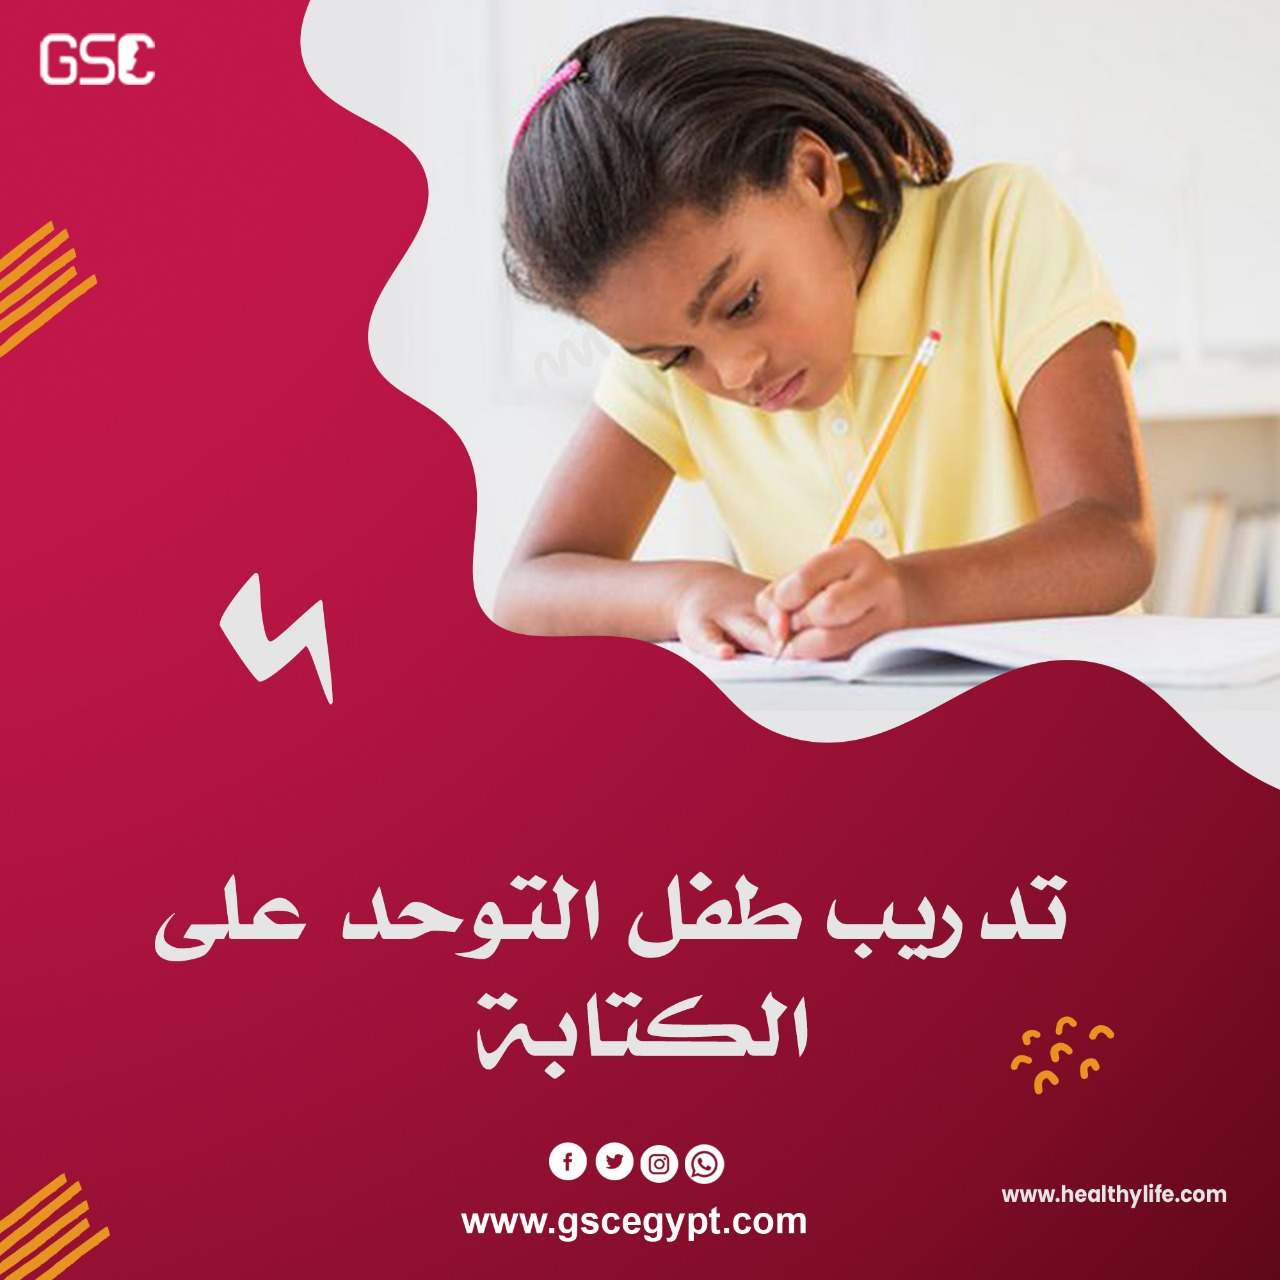 تدريب طفل التوحد على الكتابة